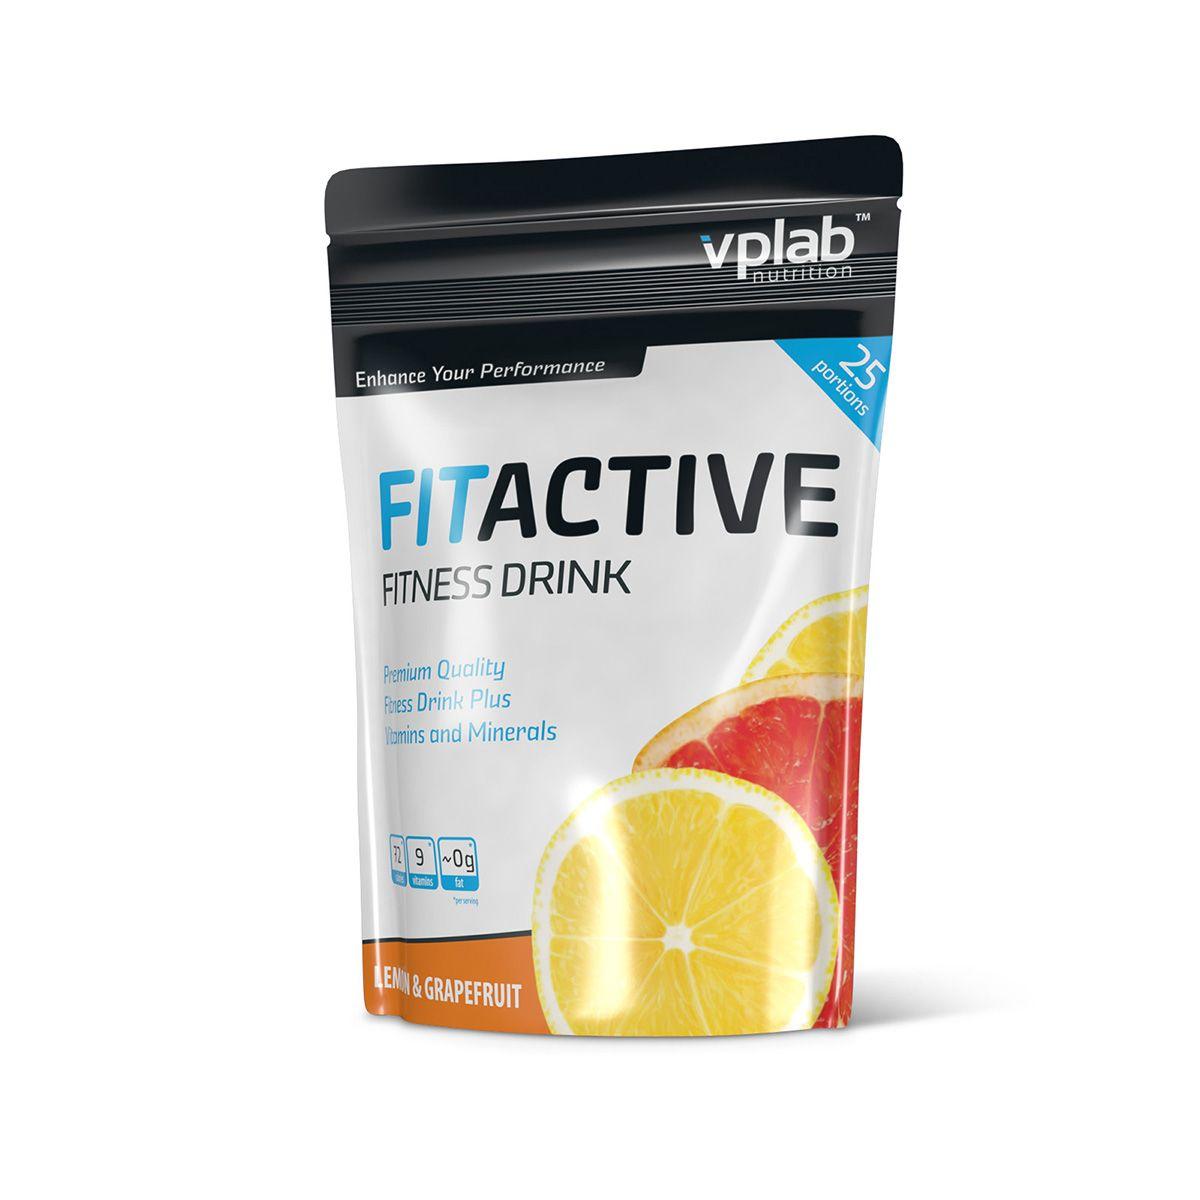 Изотоник Vplab Fitactive Fitness Drink, лимон-грейпфрут, 500 гV0713Порошок для приготовления специально разработанного напитка с витаминами и минеральными веществами, который оптимально снабжает организм влагой и заряжает энергией для максимальных результатов. Восстанавливает углеводный баланс и восполняет потери питательных веществ во время длительных интенсивных нагрузок.Питательная ценность на 100 г: энергетическая ценность - 358.0 ккал (1,525.0 кдж), белки - 0.3 г, углеводы - 74.6 г, из которых сахара - 65.5 г, жиры - 0.2 г, из них насыщенные жирные кислоты - 0.1 г, пищевые волокна - 0.1 г, натрий - 0.400 г, витамин Е - 18.0 мг, витамин С - 120.0 мг, витамин В1 - 1.65 мг, витамин В2 - 2.80 мг, ниацин - 24.0 мг, витамин В6 - 2.10 мг, фолиевая кислота - 300.0 мкг, витамин В12 - 3.7 мкг, пантотеновая кислота - 9.0 мг, кальций - 600.0 мг, фосфор - 525.0 мг, магний - 280.0 мг. Рекомендации по применению: 1 порция во время или после тренировки для восстановления солевого и углеводного баланса.Товар сертифицирован. Как повысить эффективность тренировок с помощью спортивного питания? Статья OZON Гид